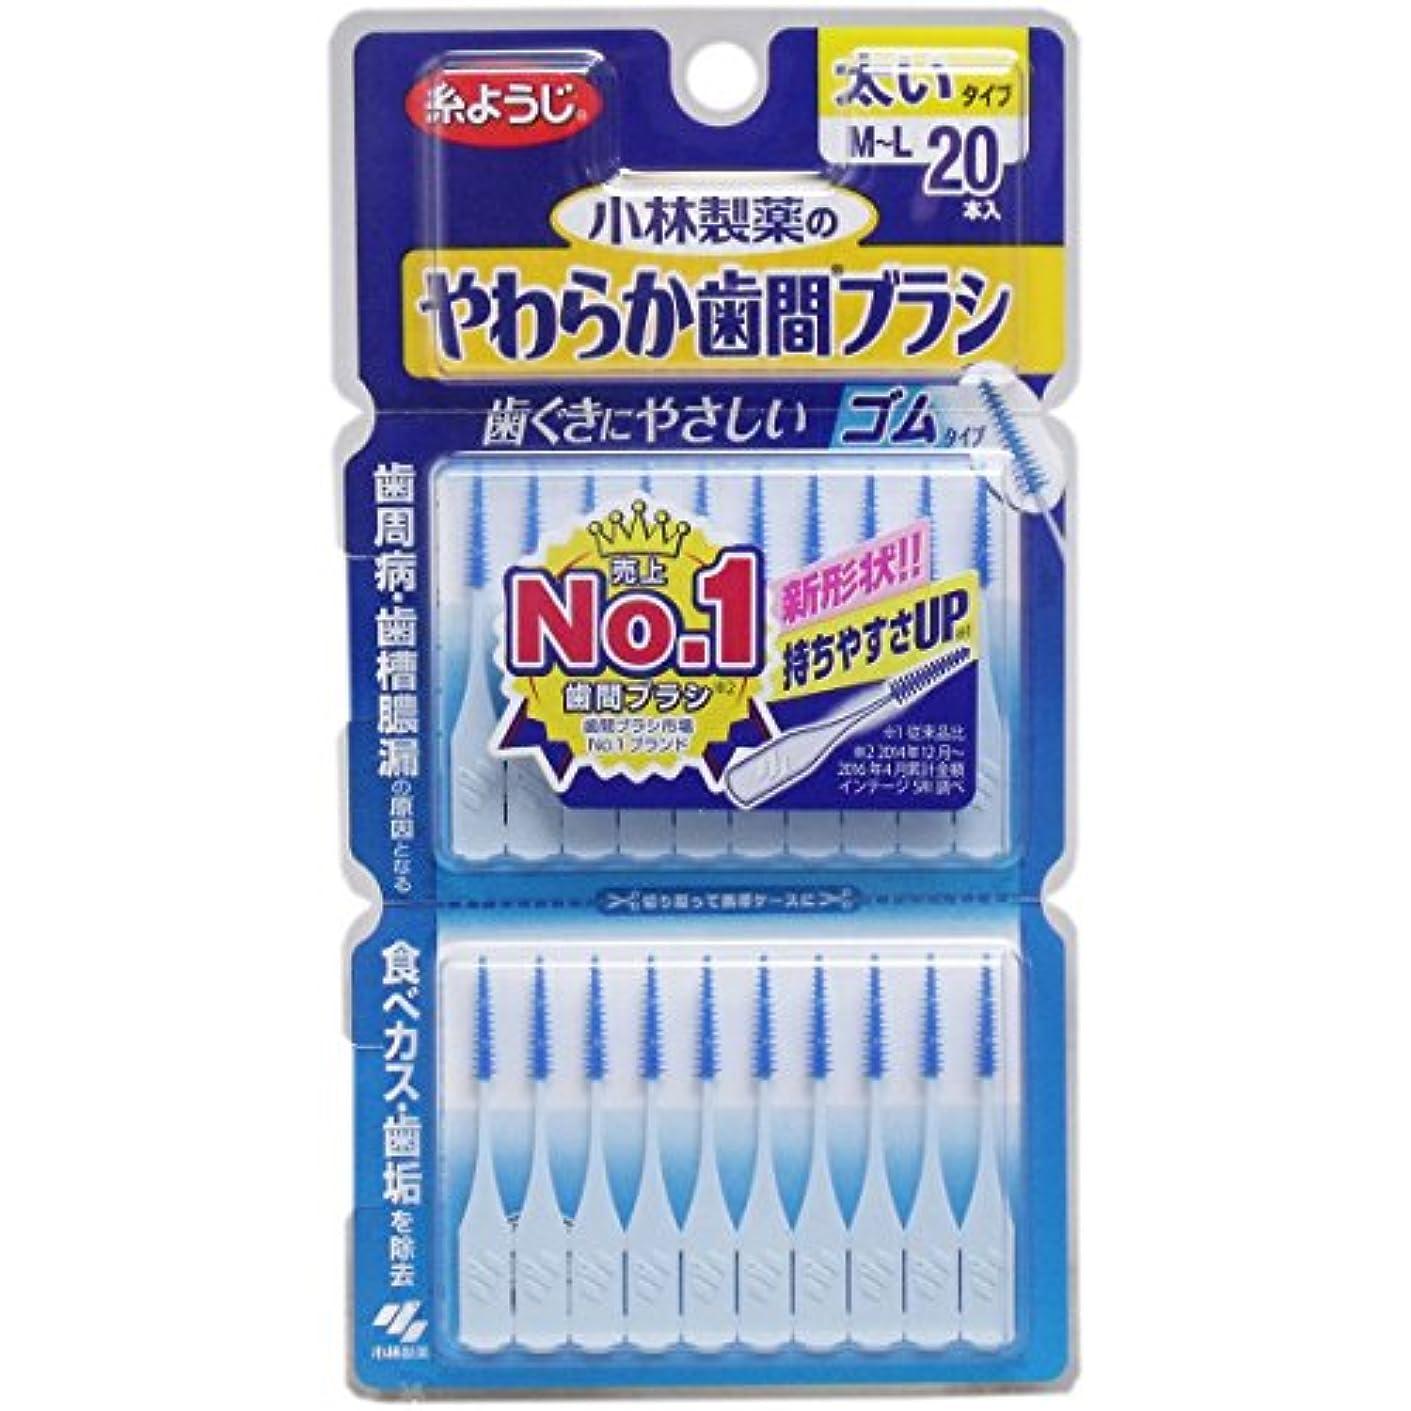 蒸し器カテナ召喚するやわらか歯間ブラシ 太いタイプ M-Lサイズ 20本 ×2セット